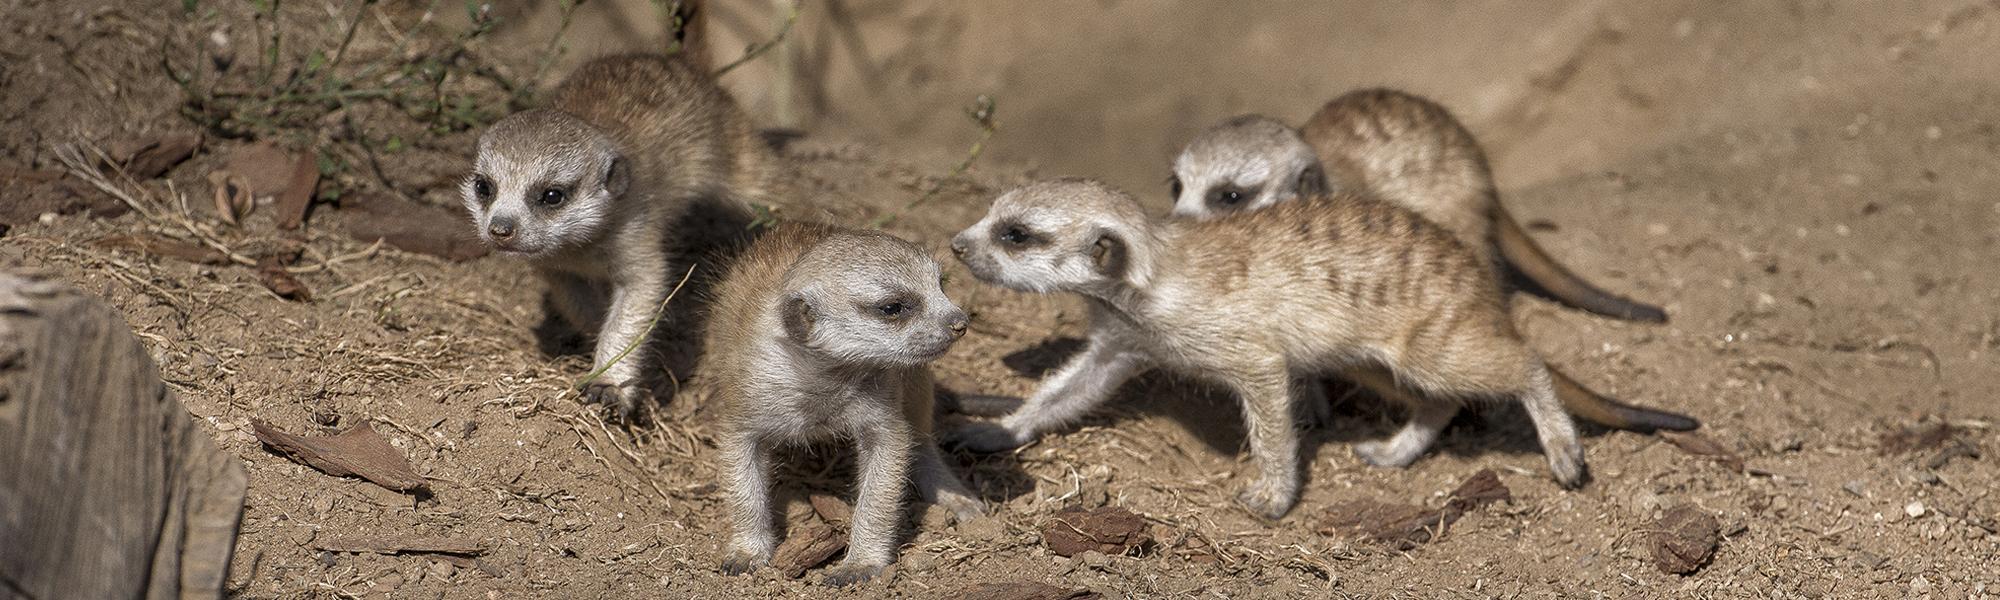 Meerkat11